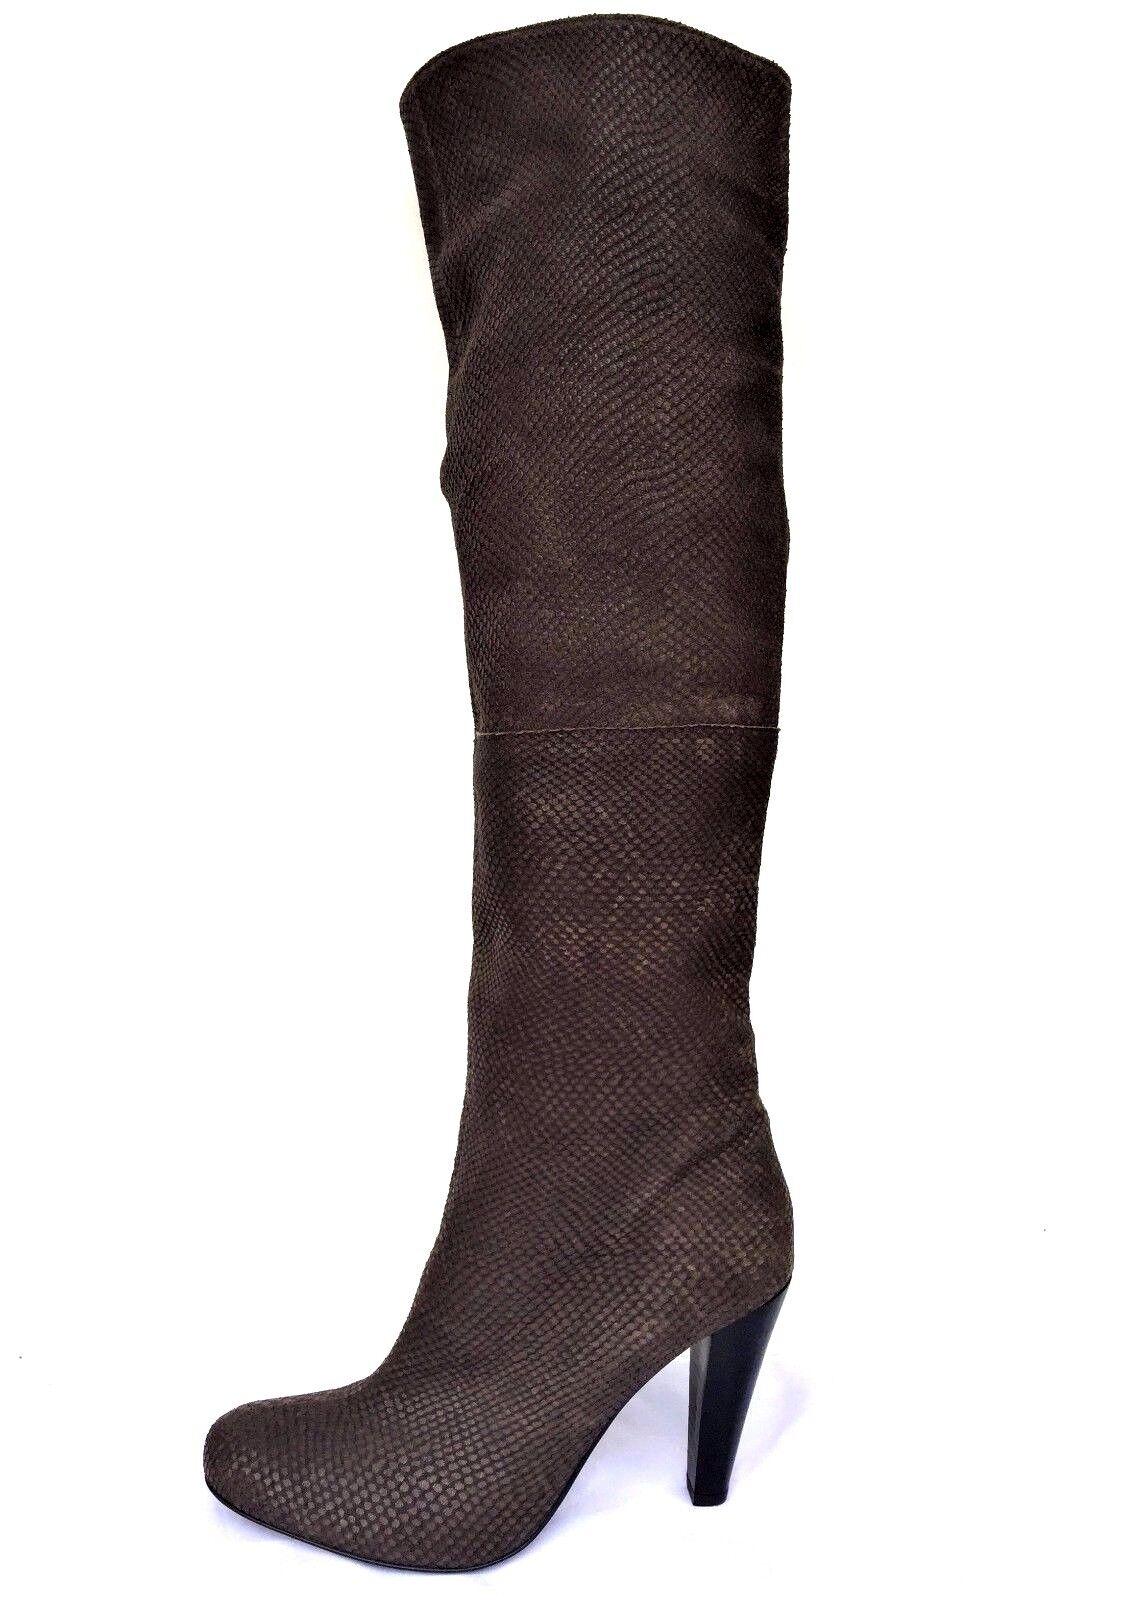 economico e di alta qualità PROF Snake Skin Leather Heel Over The Knee stivali stivali stivali Made In Portugal Sz 39  US 9M  scegli il tuo preferito